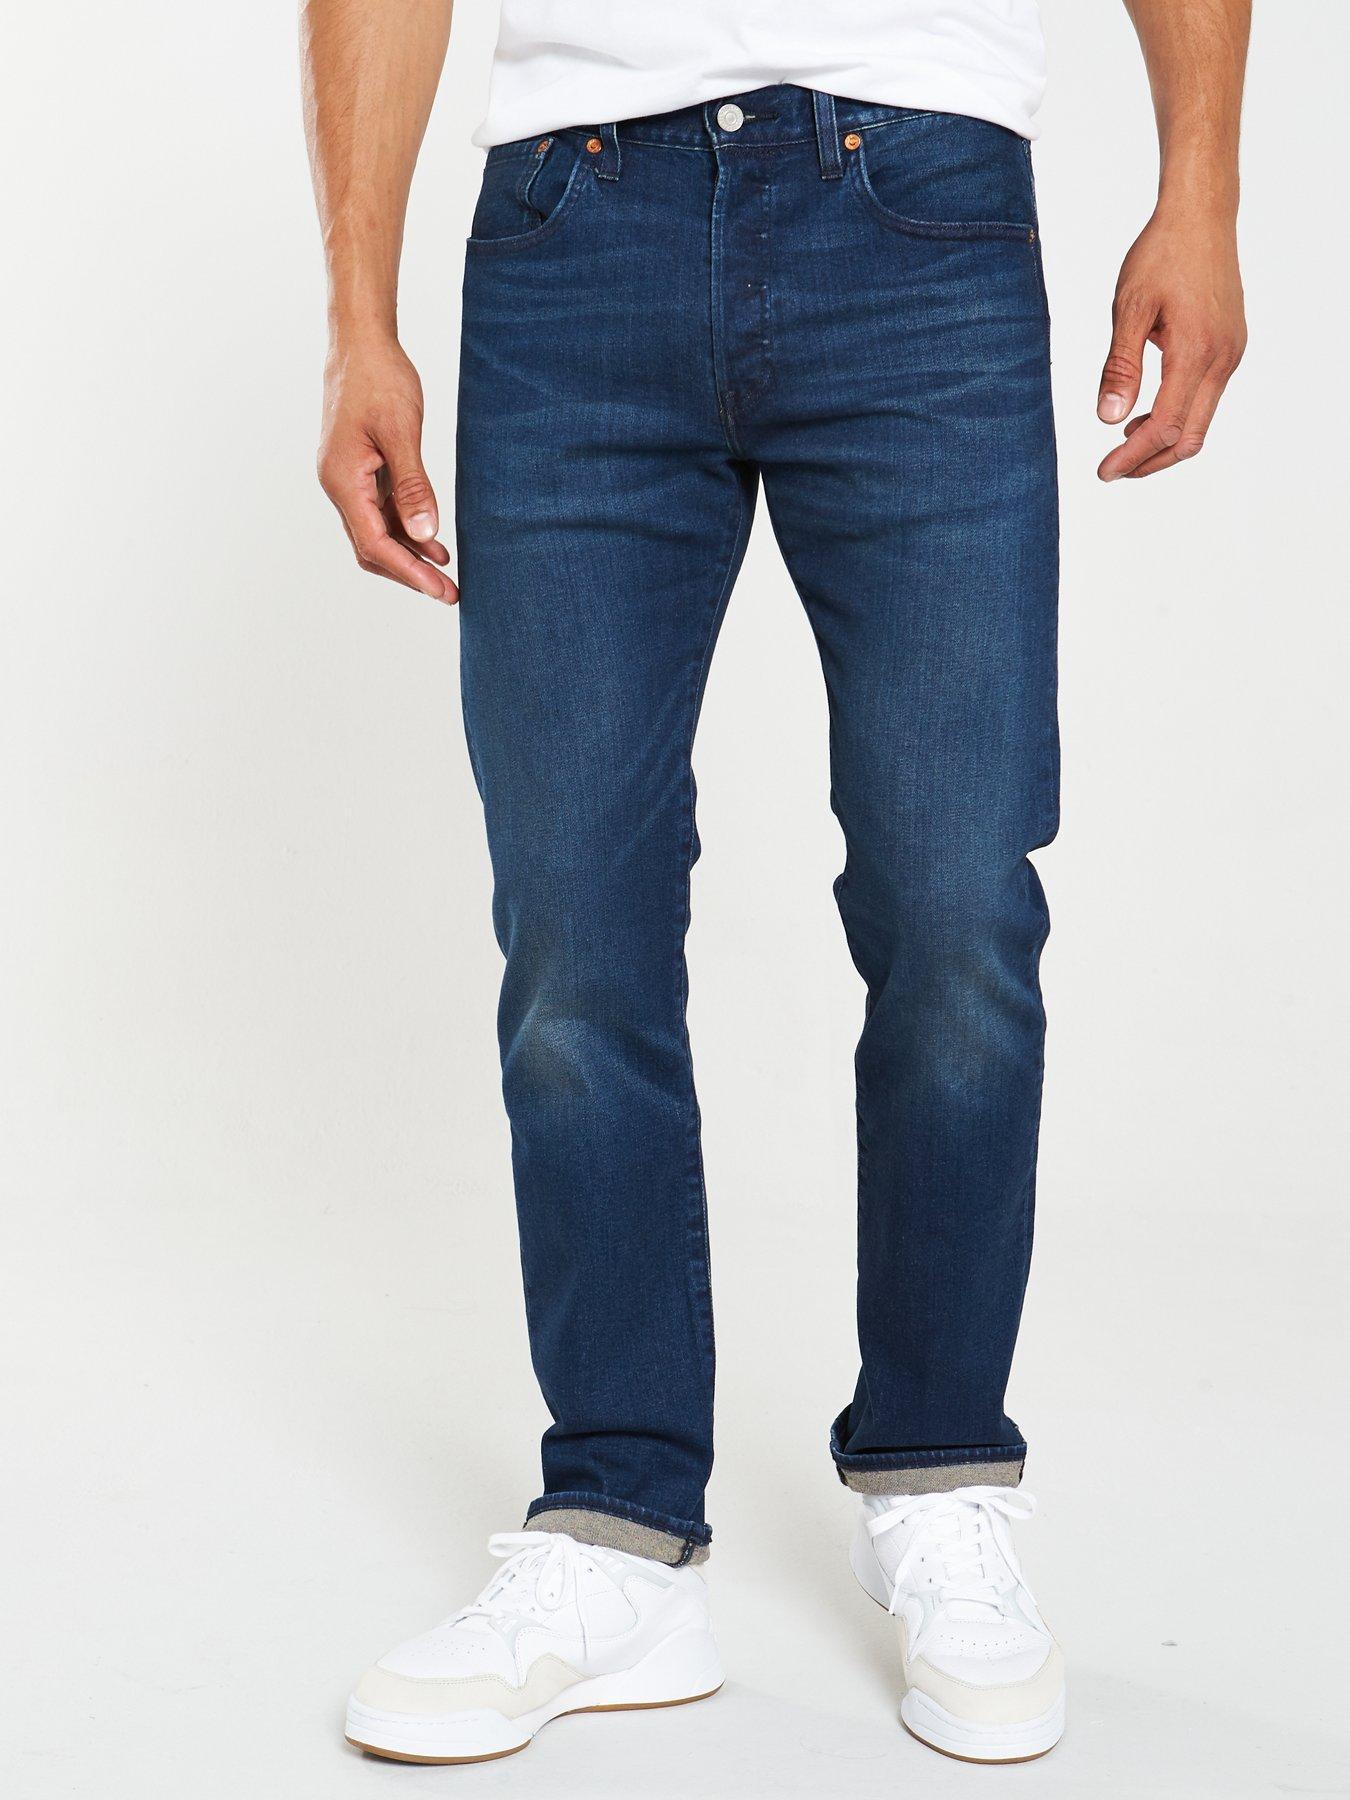 883 Police Mens Regular Fit New Straight Vintage Designer Stretch Denim Jeans